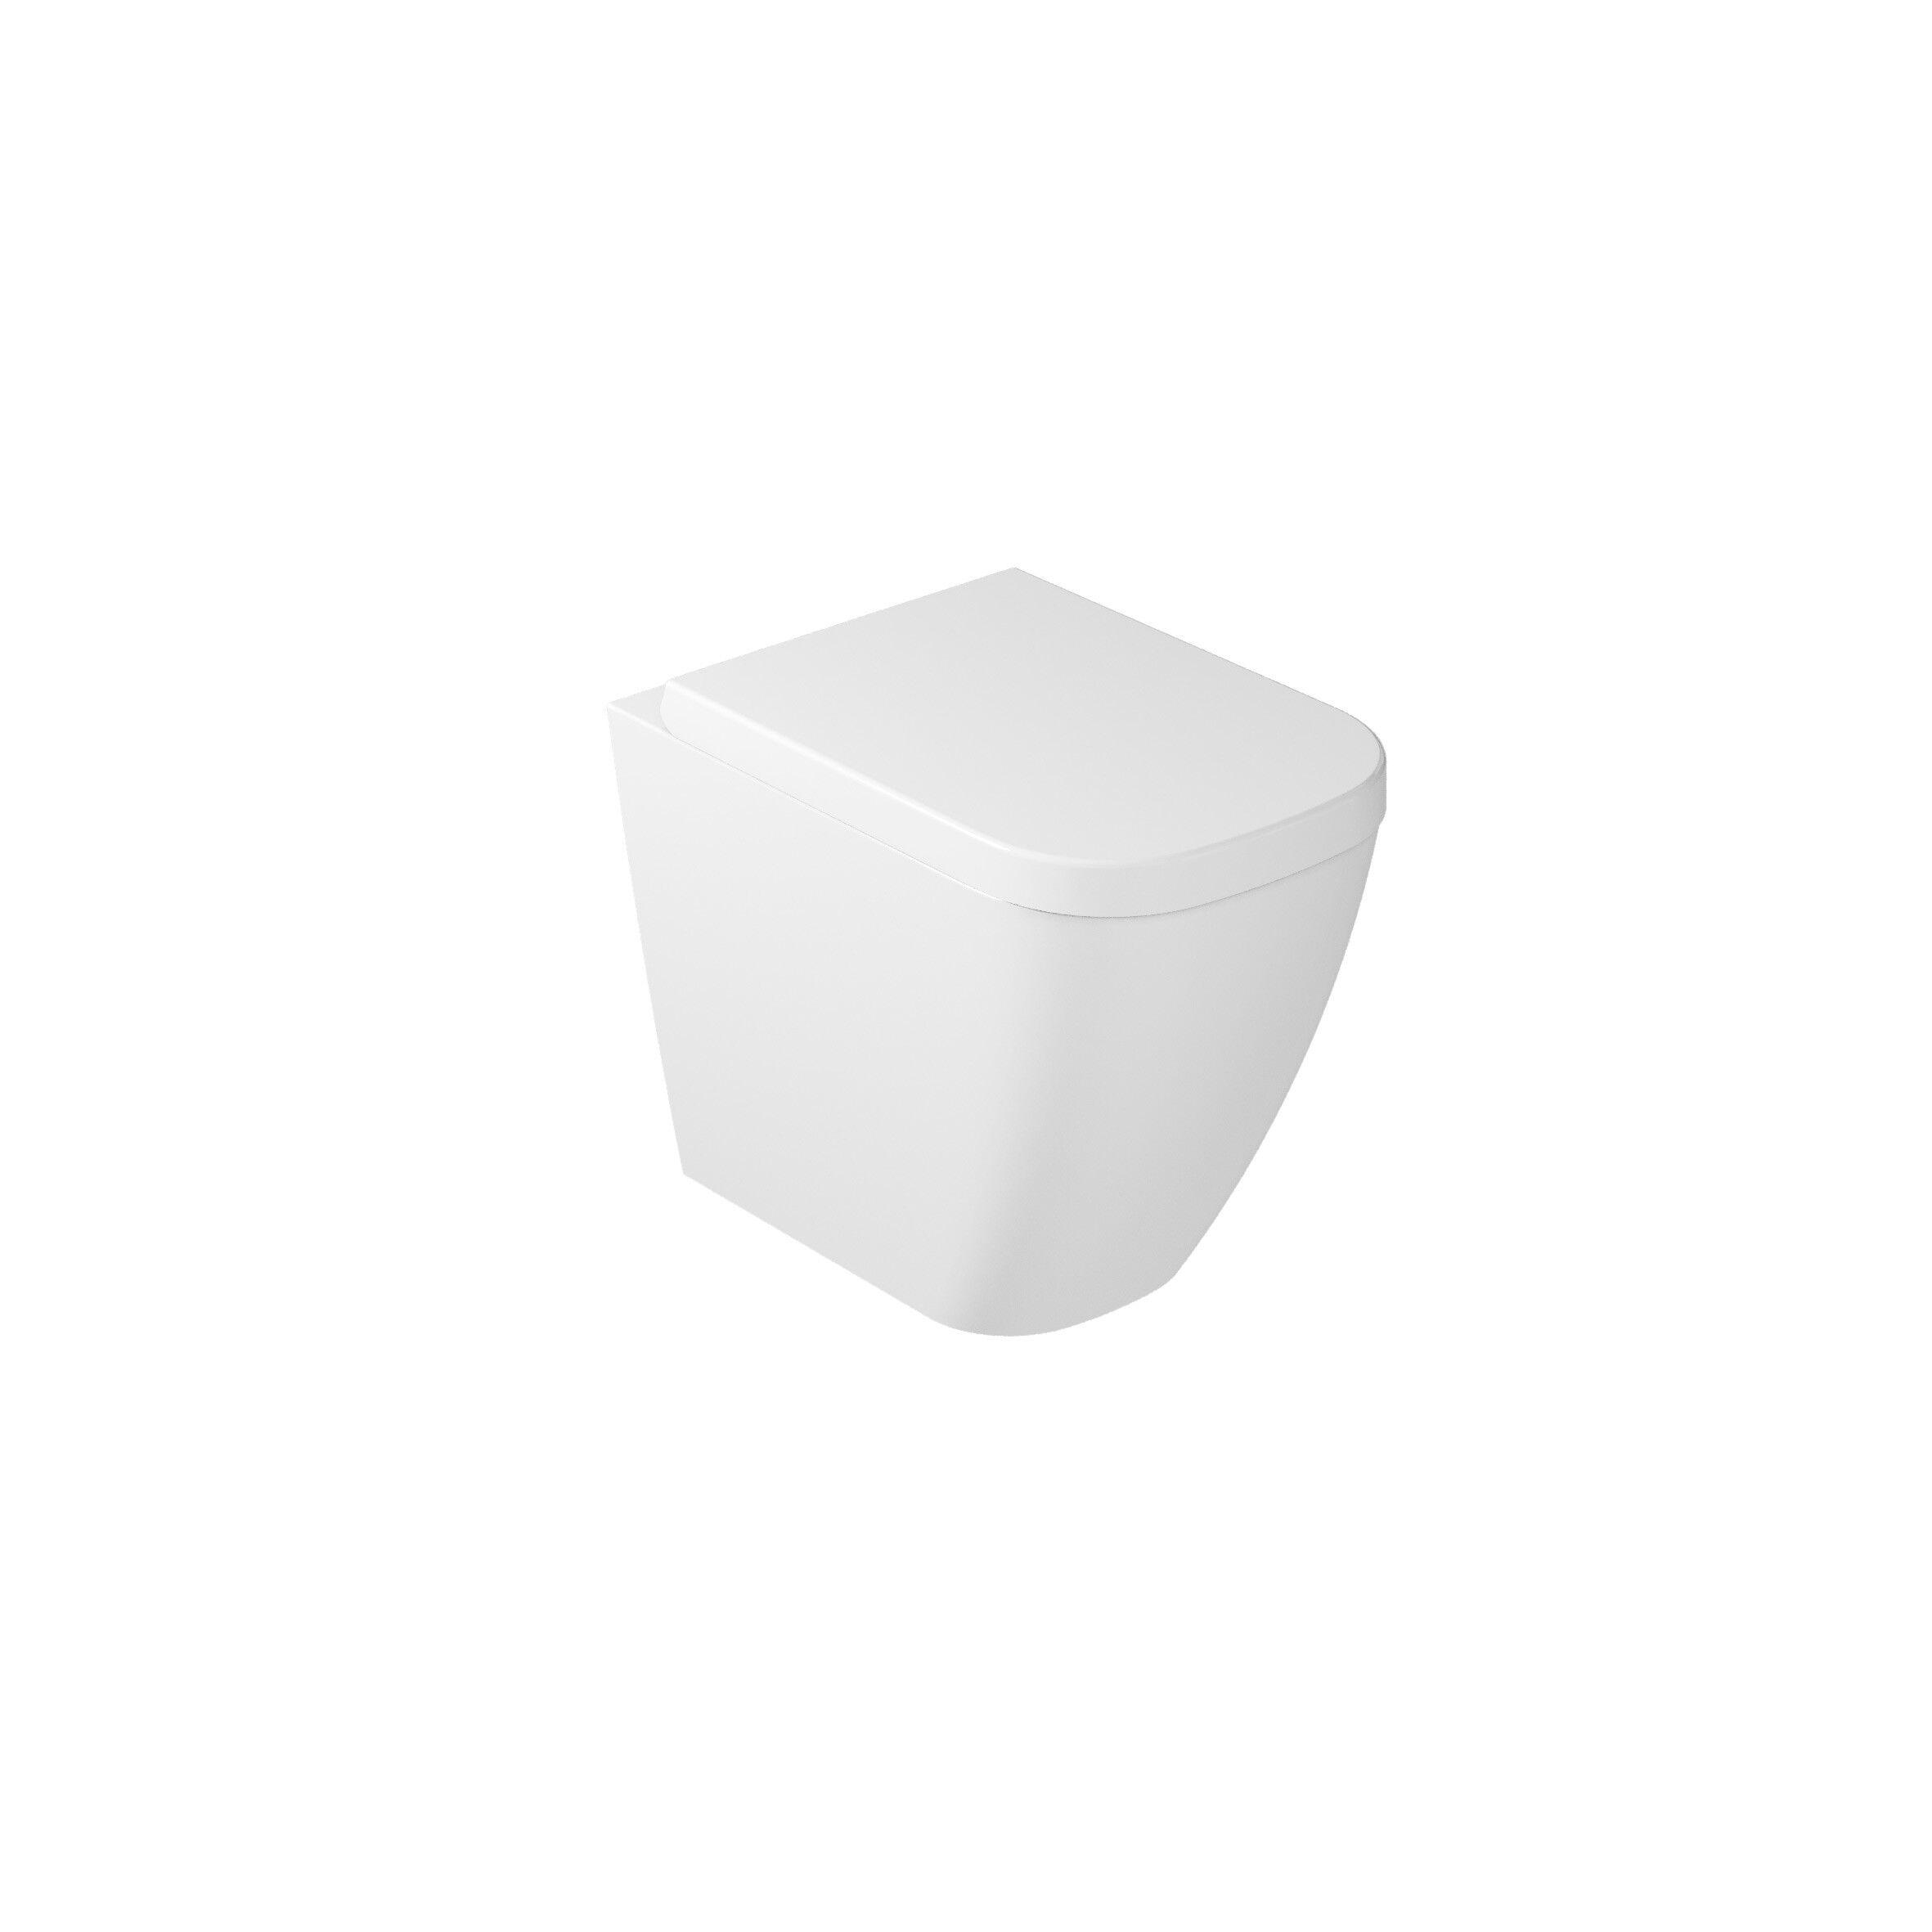 CAESAROO Vase sur pied en céramique blanche brillante Galassia série Meg11   Blanc brillant - Avec abattant wc